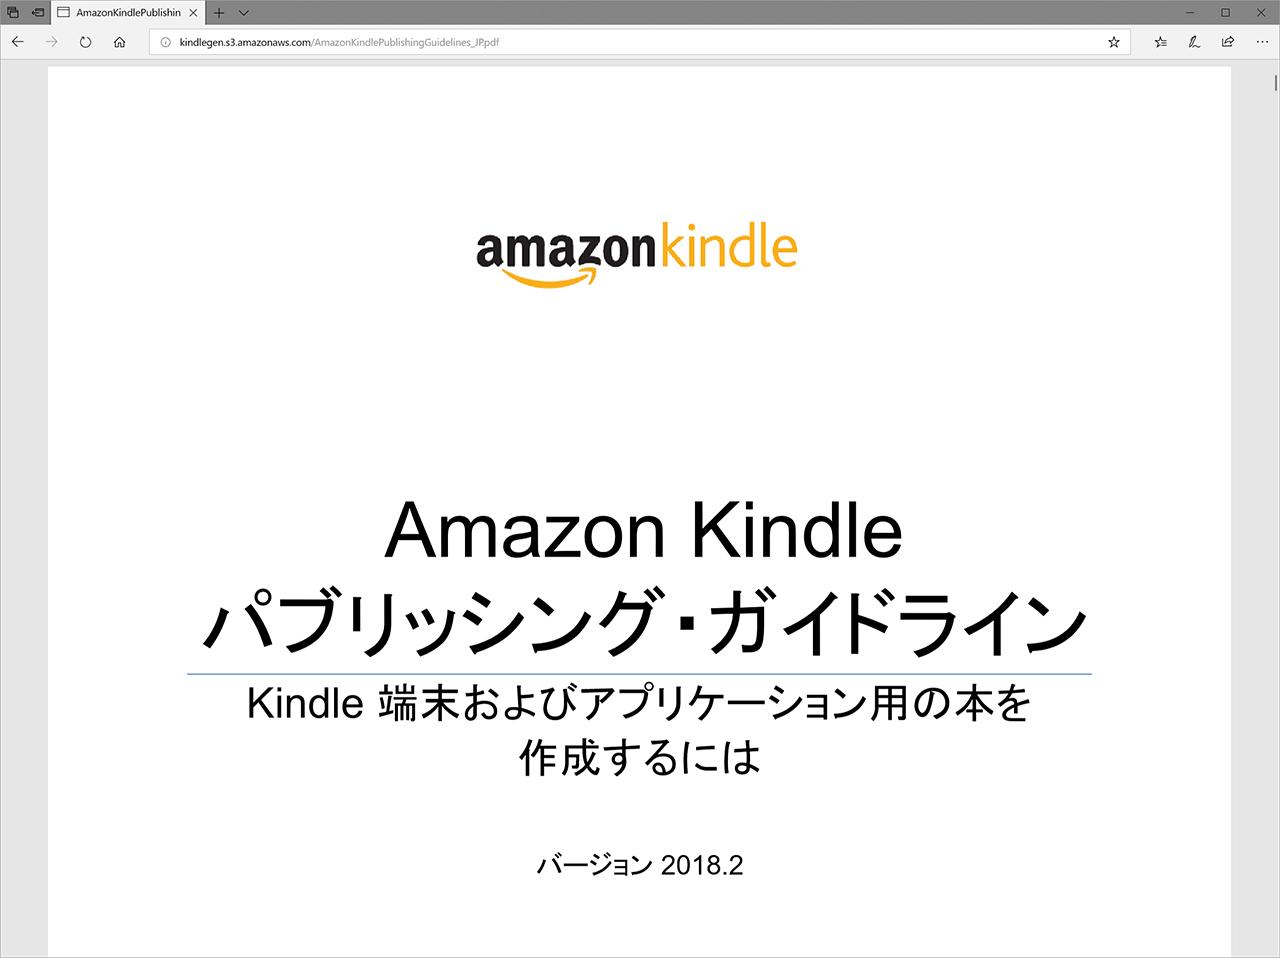 Kindleパブリッシング・ガイドライン